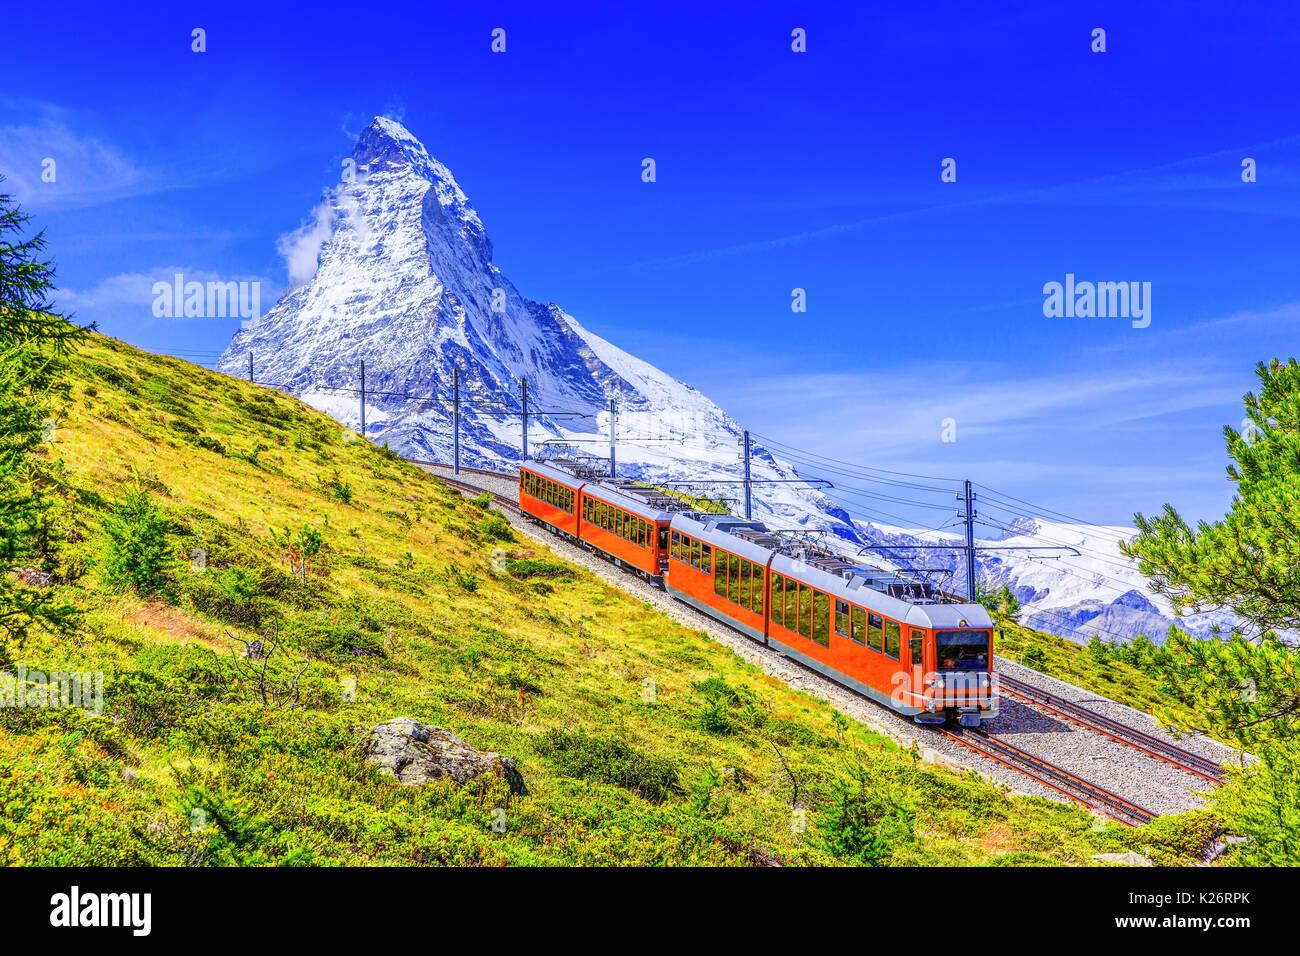 Zermatt, Schweiz. Gornergrat touristische Zug mit Matterhorn im Hintergrund. Wallis. Stockbild